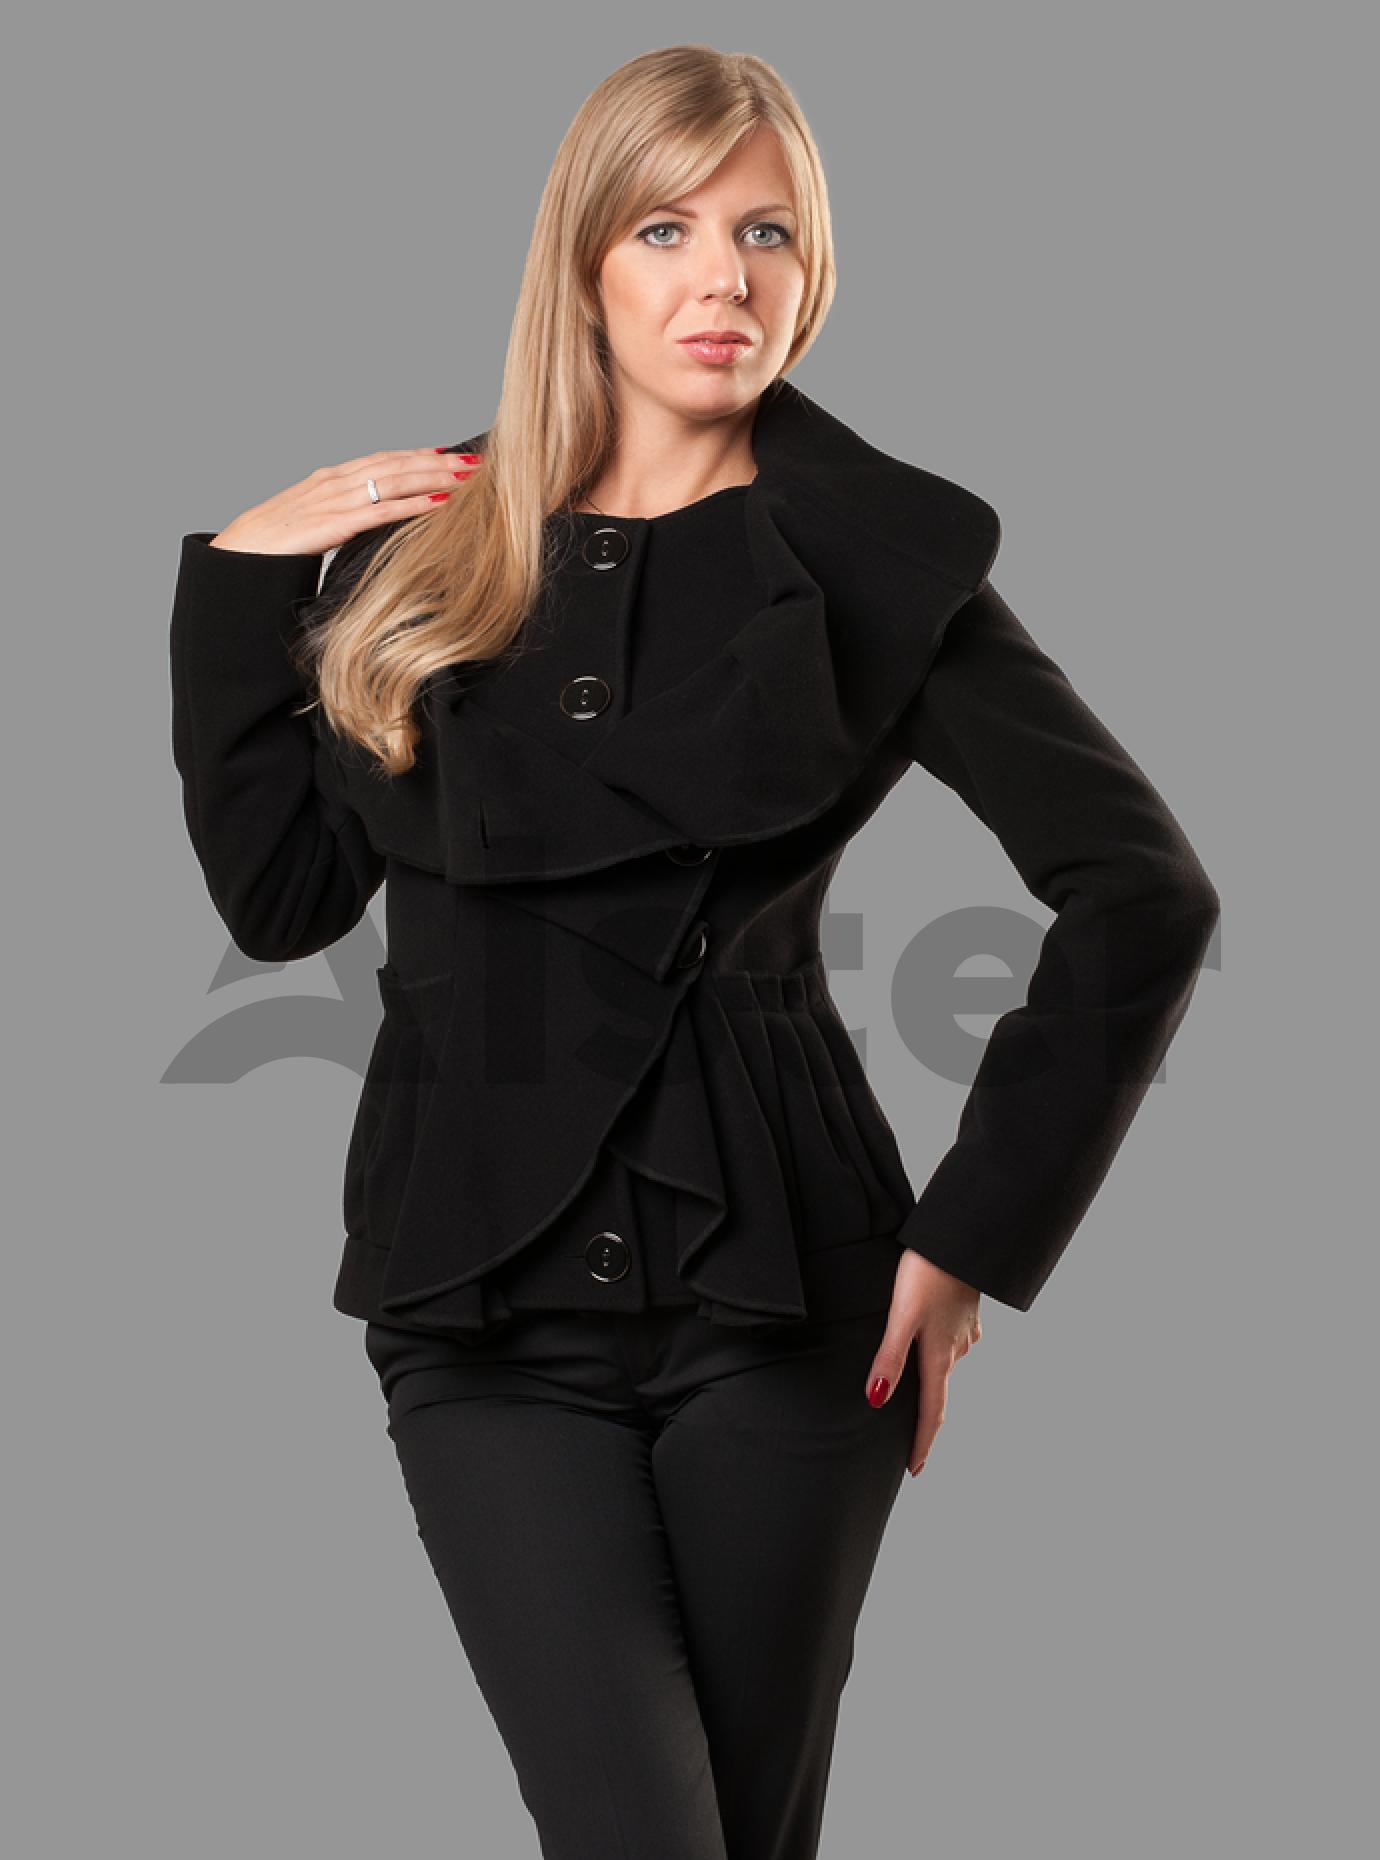 Пальто женское демисезонное стильное Чёрный S (05-ZZ19119): фото - Alster.ua